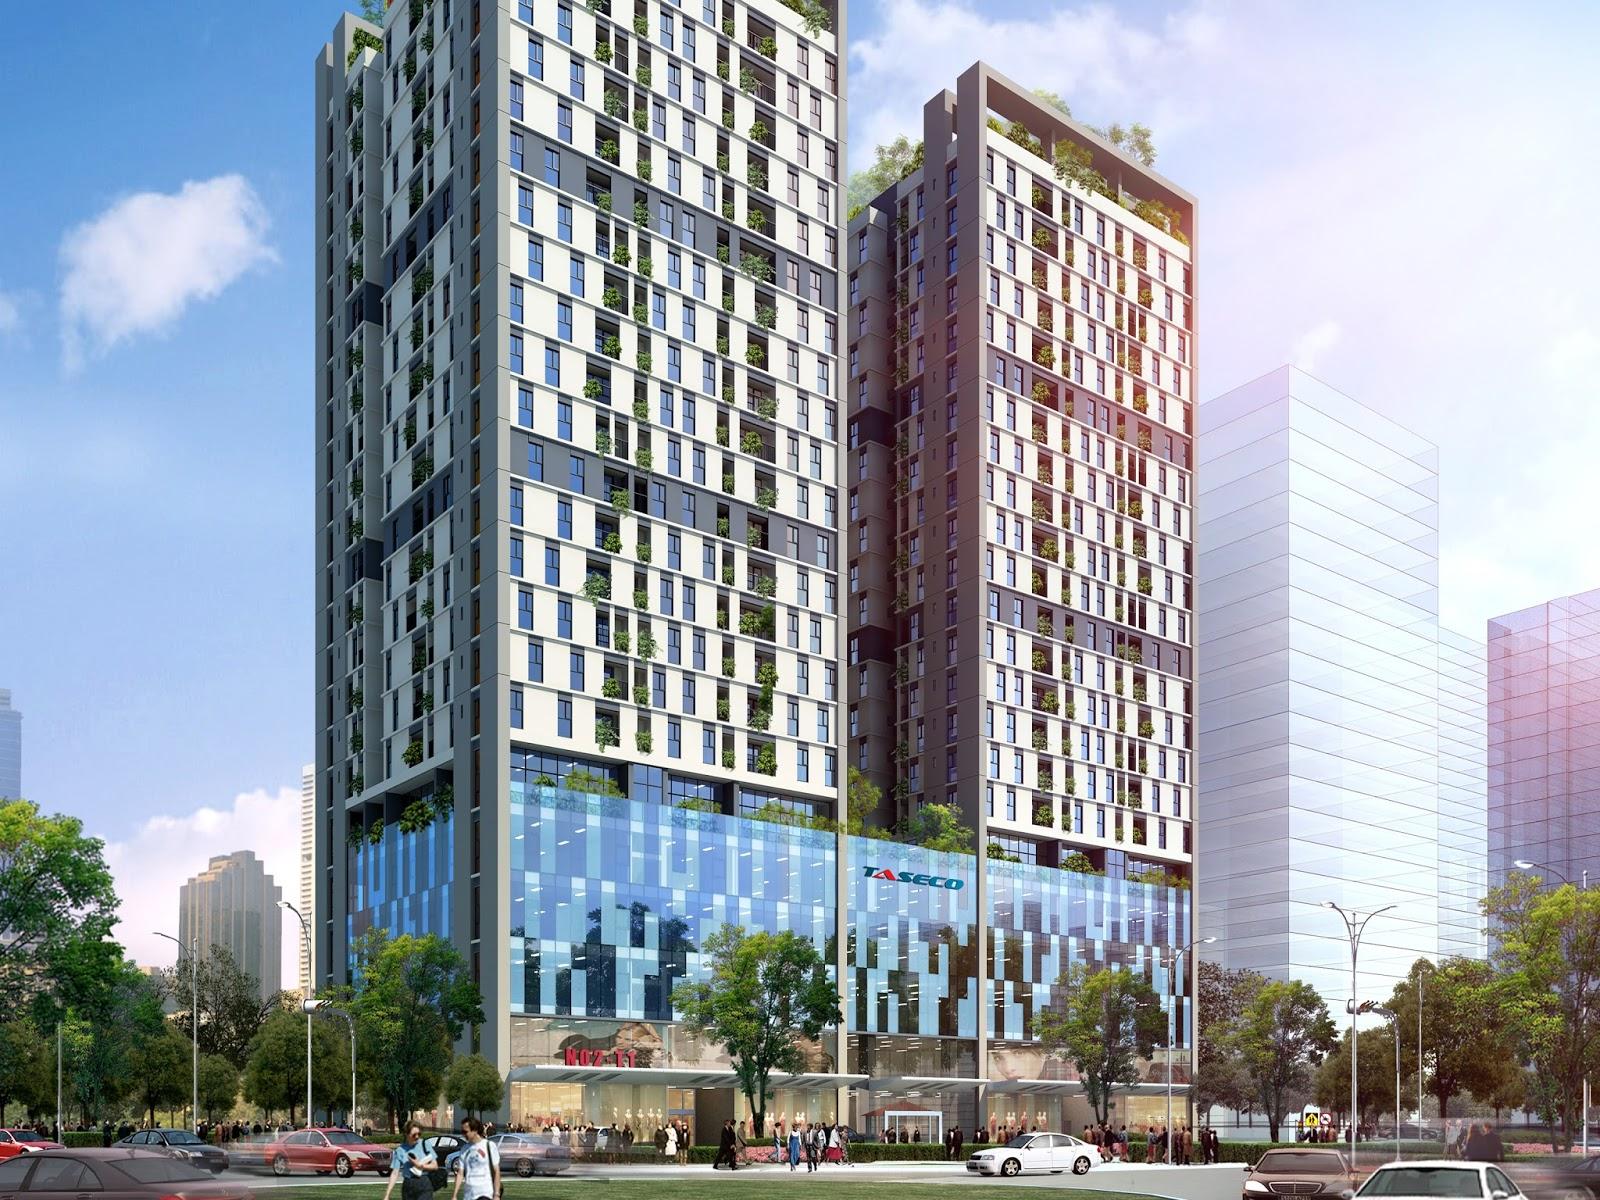 Mở bán đợt cuối chung cư An Bình Complex, liên hệ mua căn hộ trực tiếp chủ đầu tư